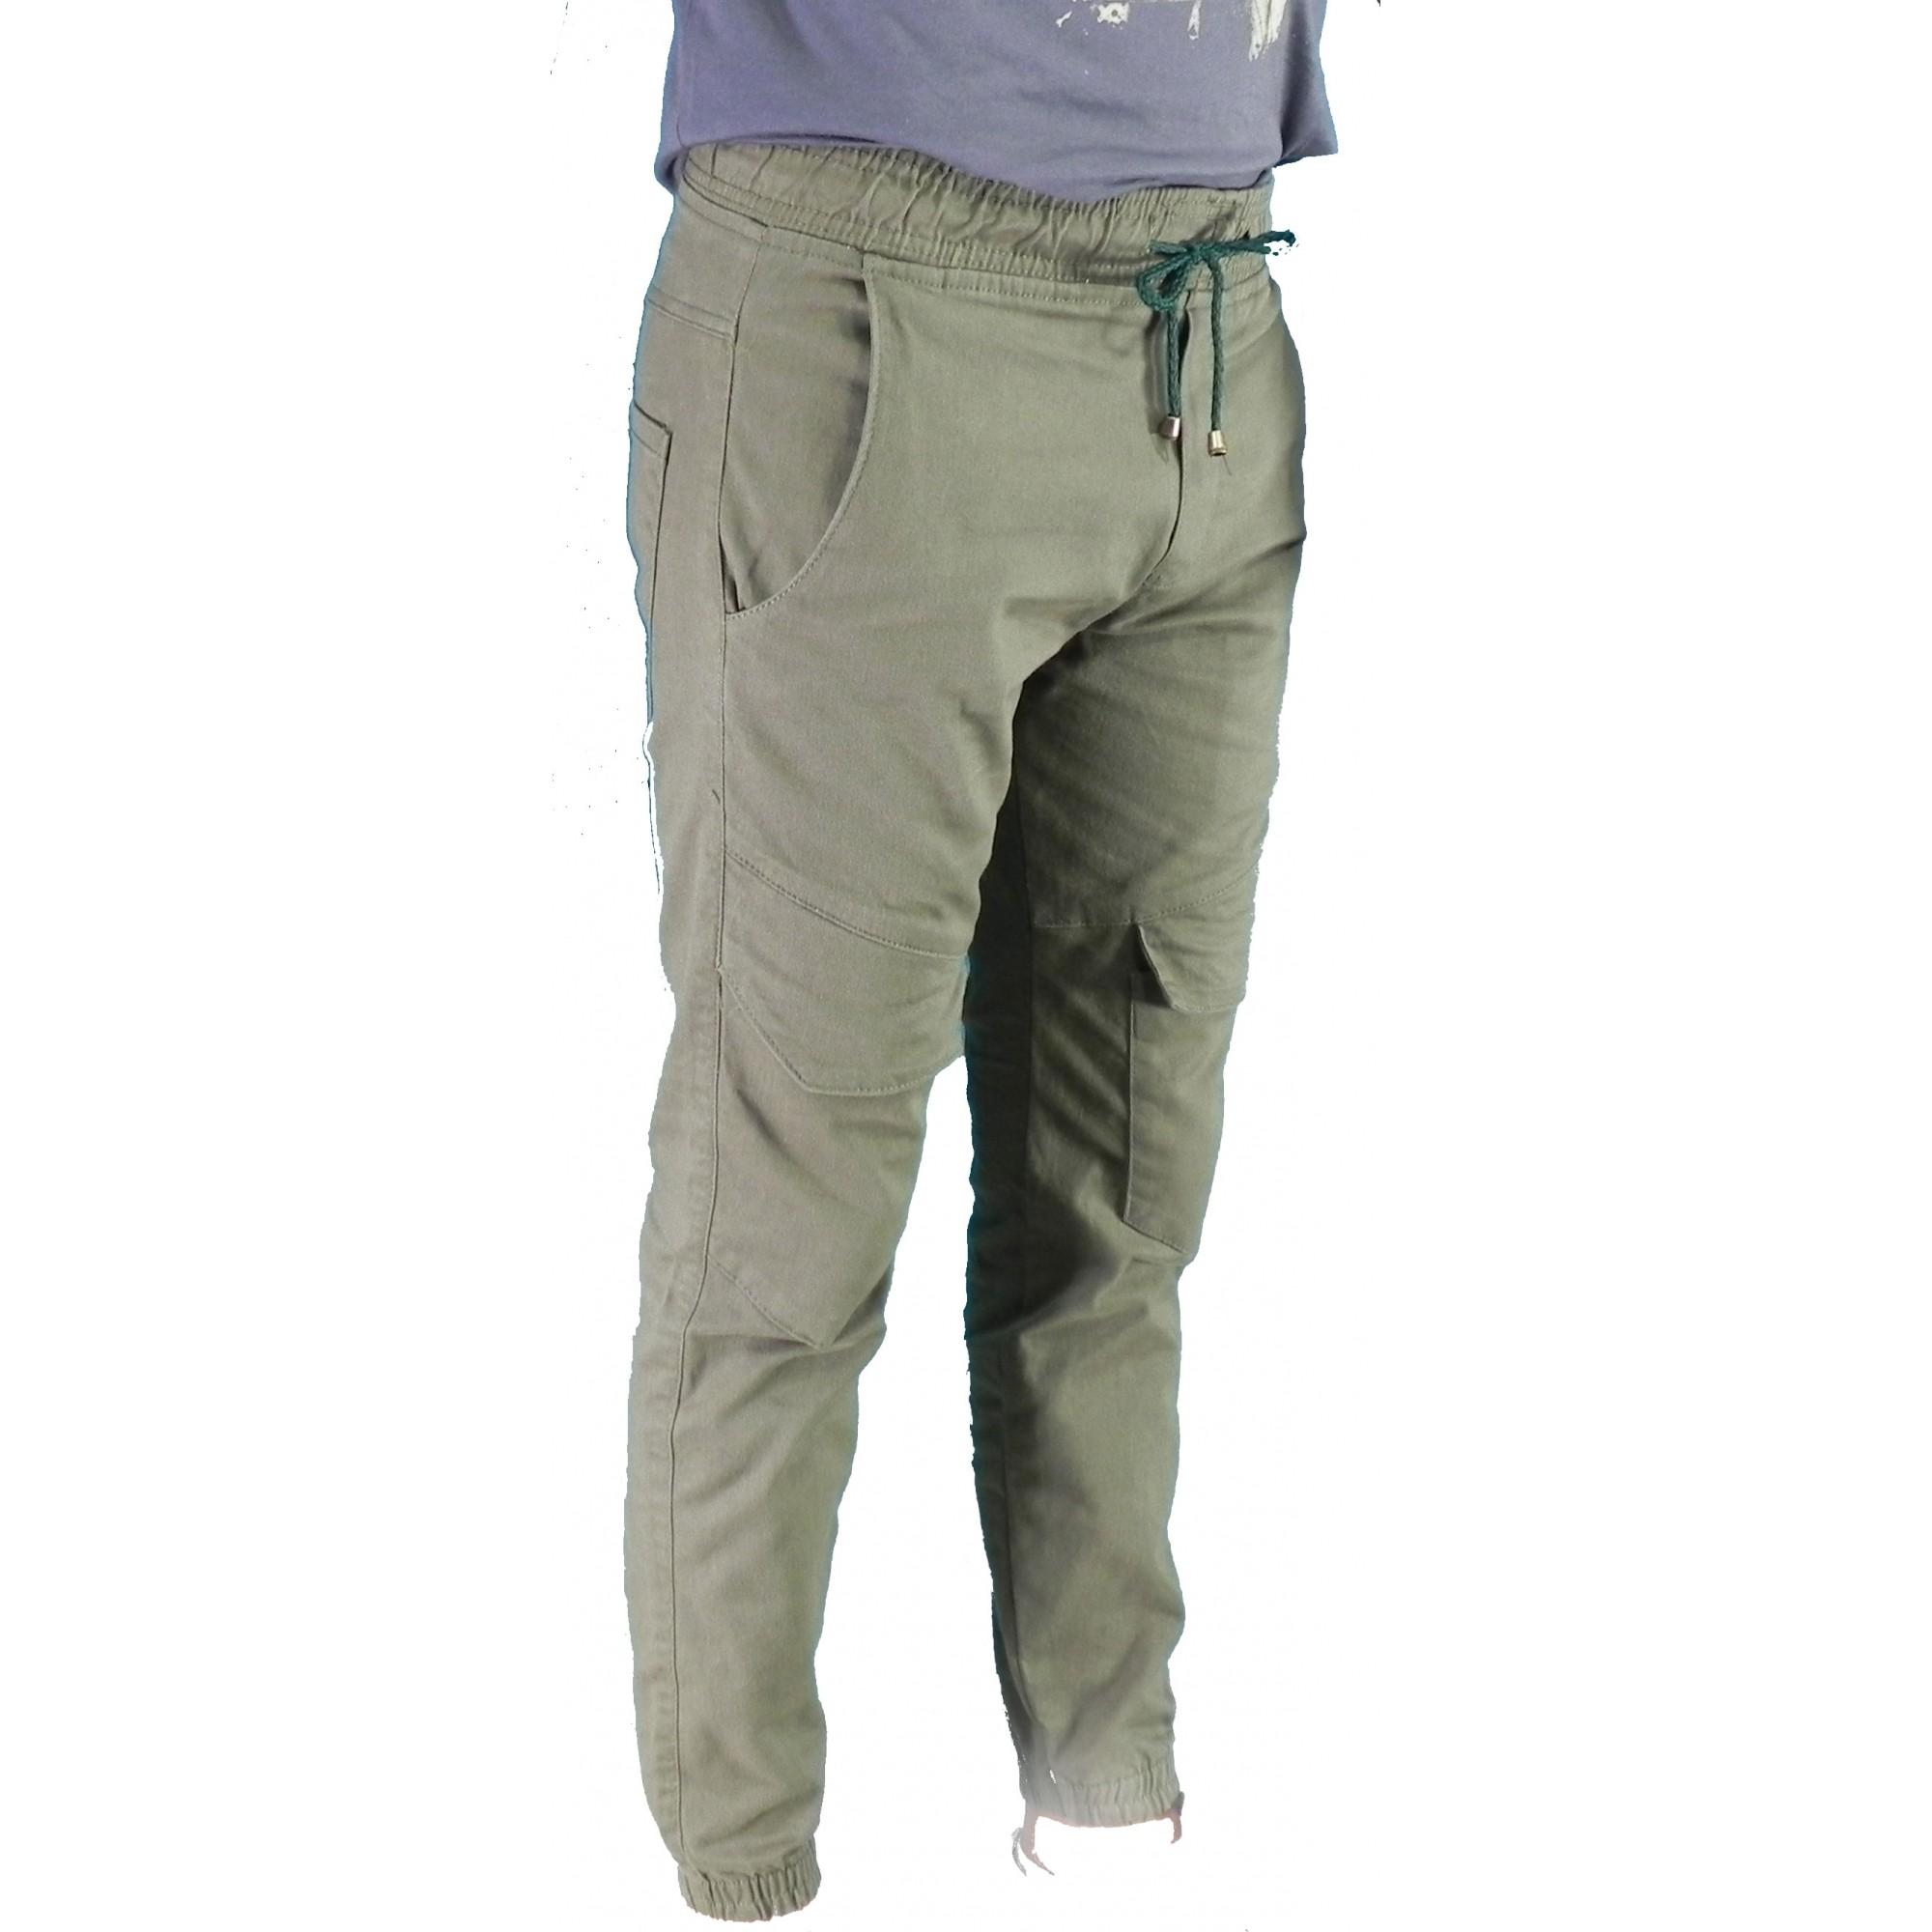 Calça Masculina Sarja Jogger Bolsos Laterais Conexão